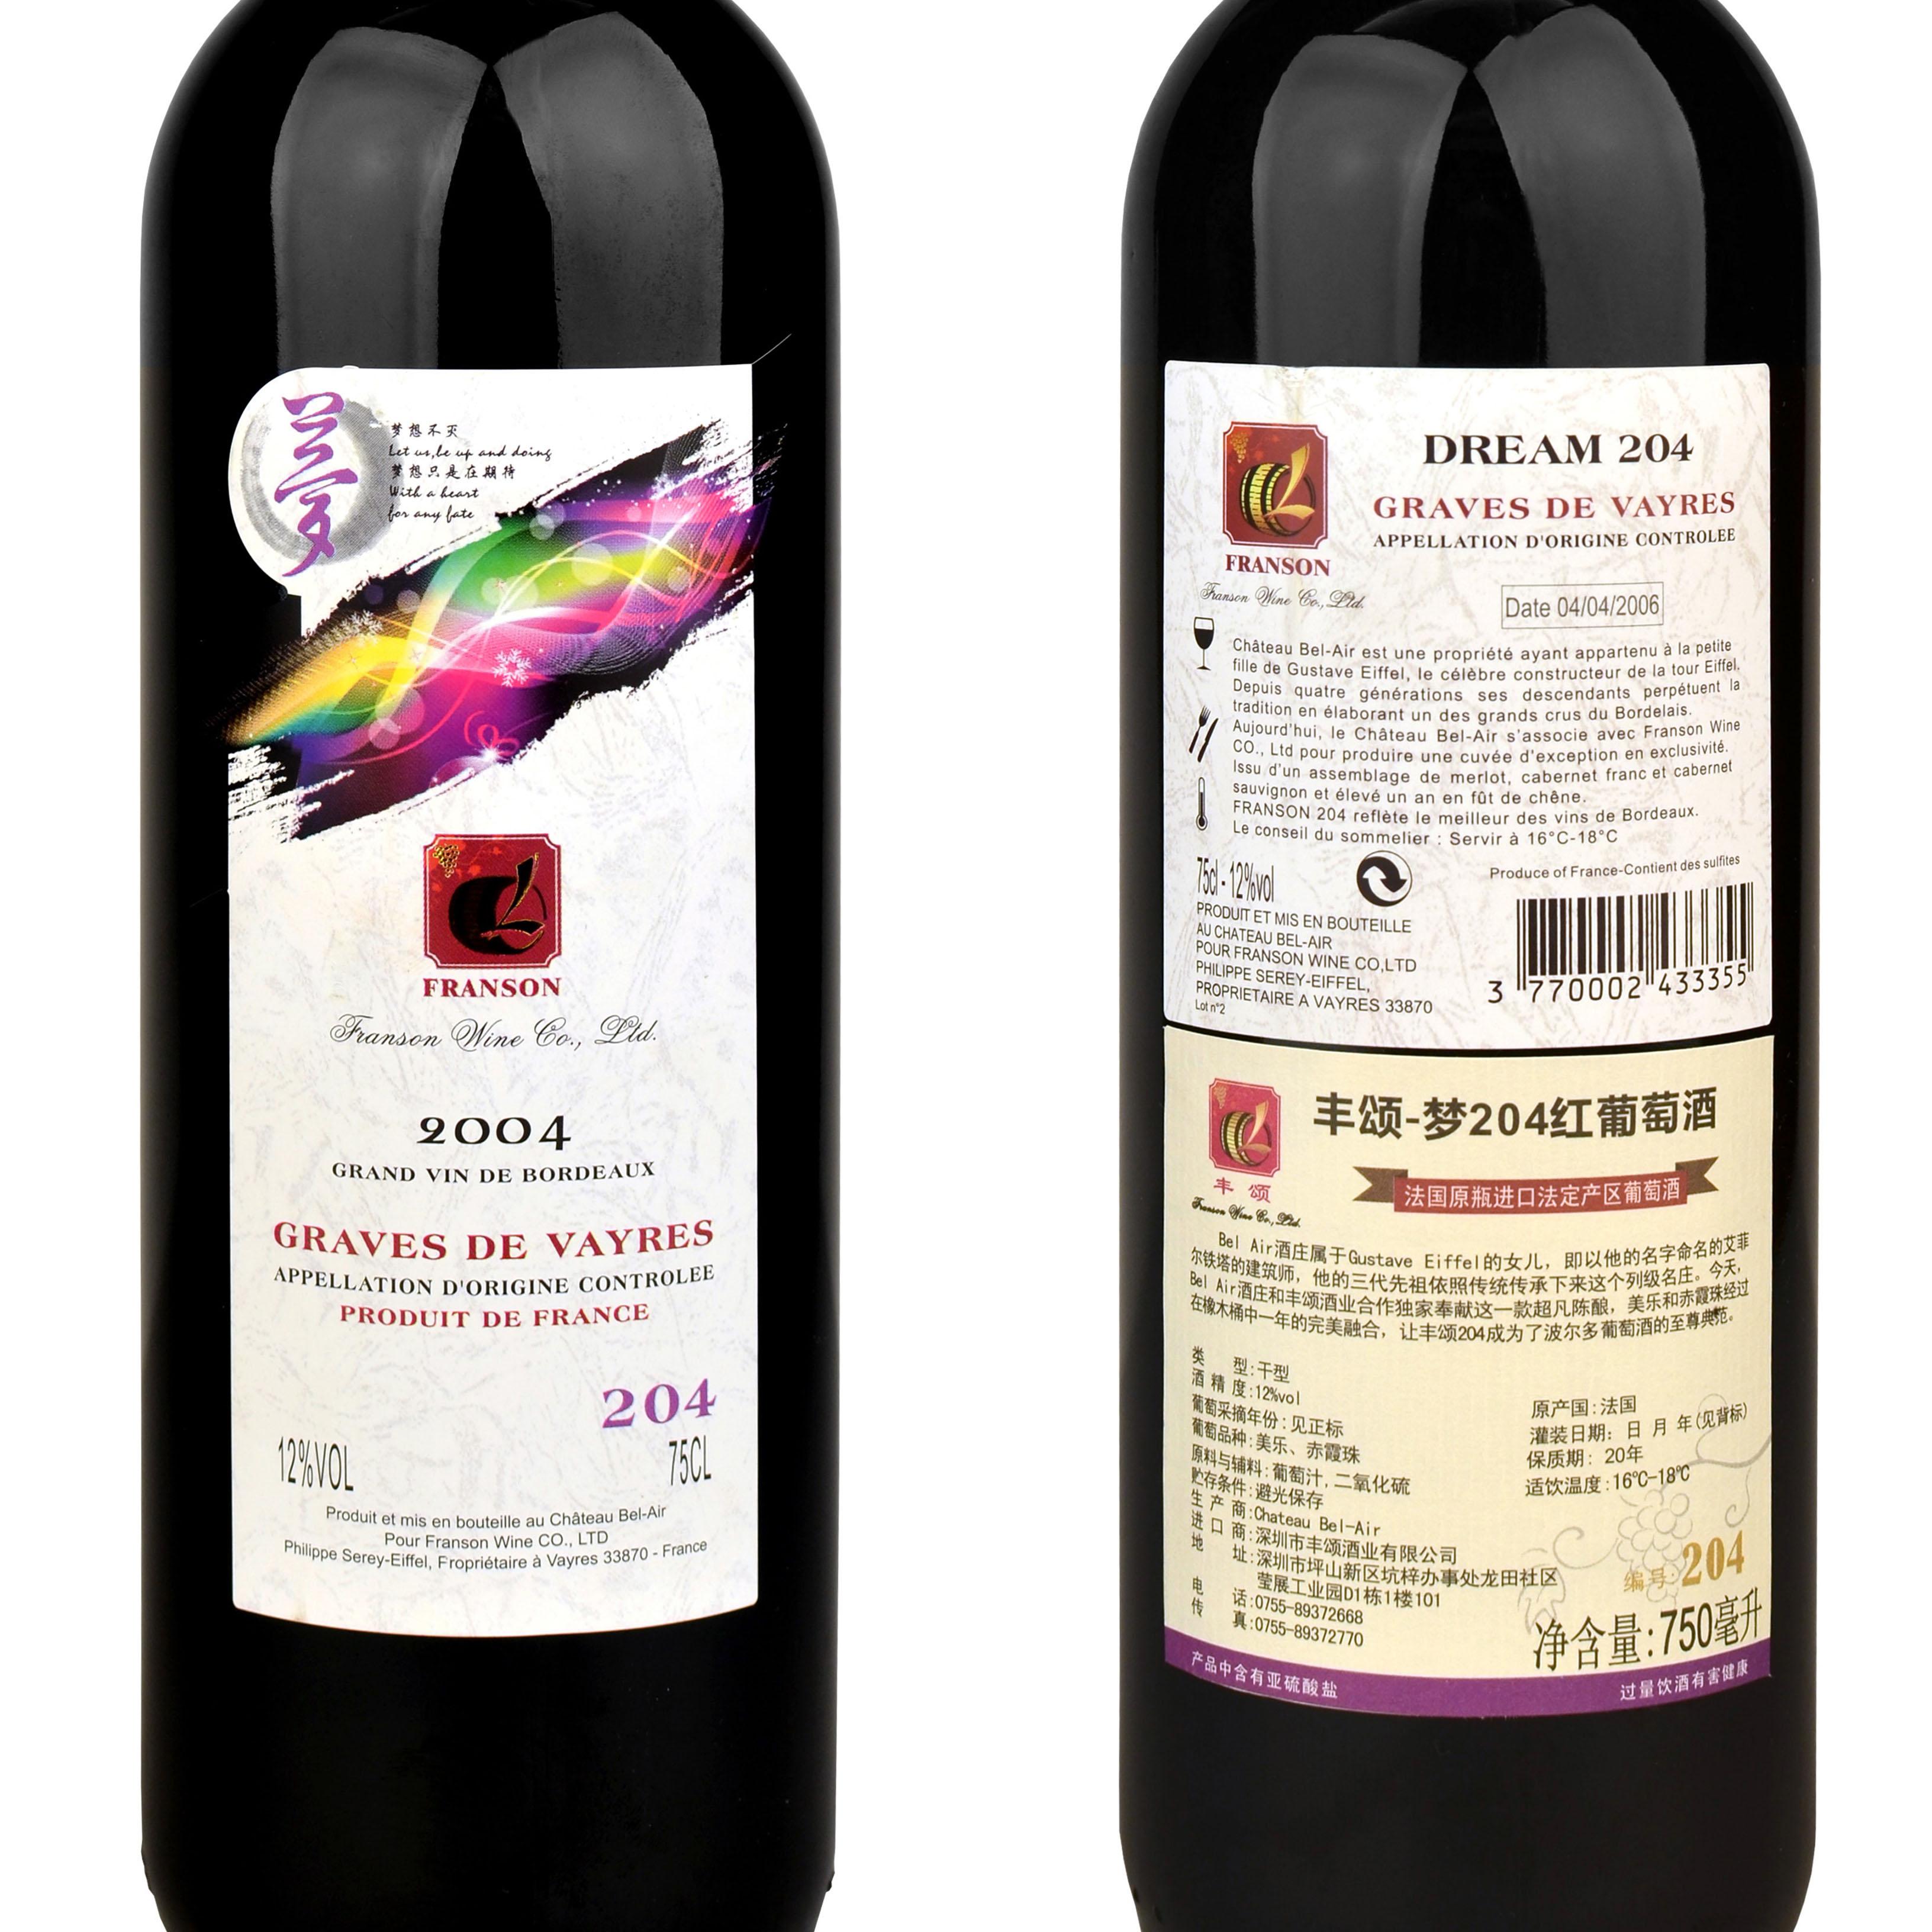 丰颂-梦204红葡萄酒